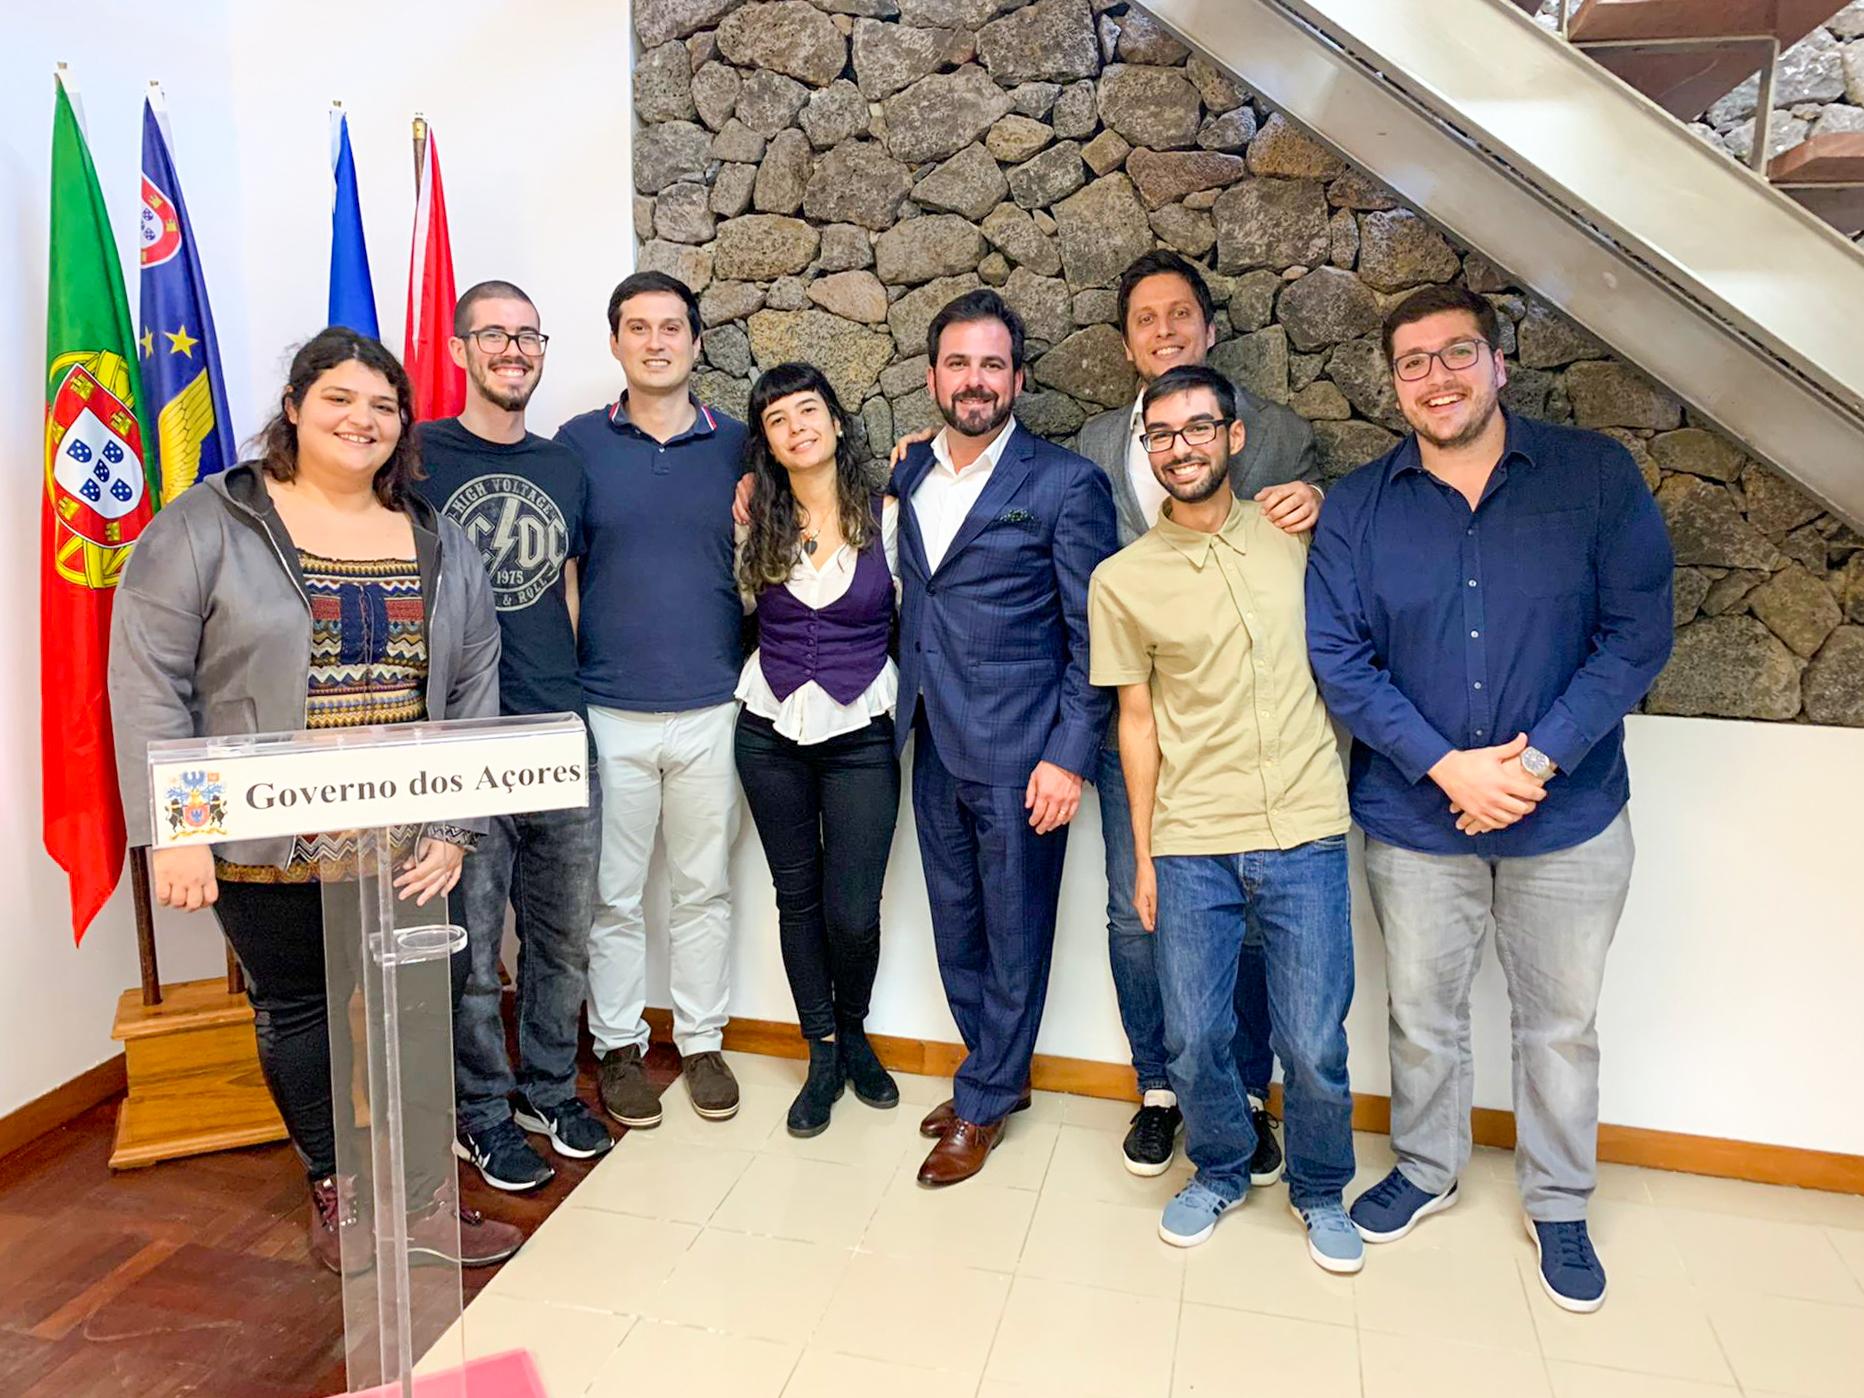 KCS iT Terceira Açores